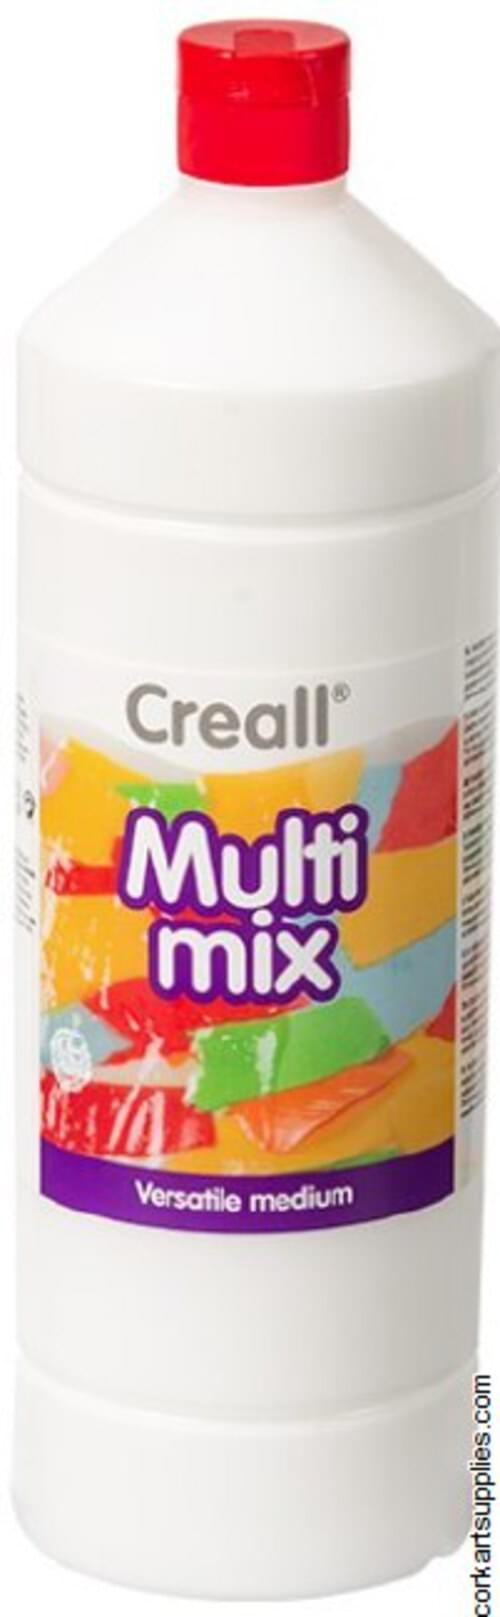 Creall Multi-Medium